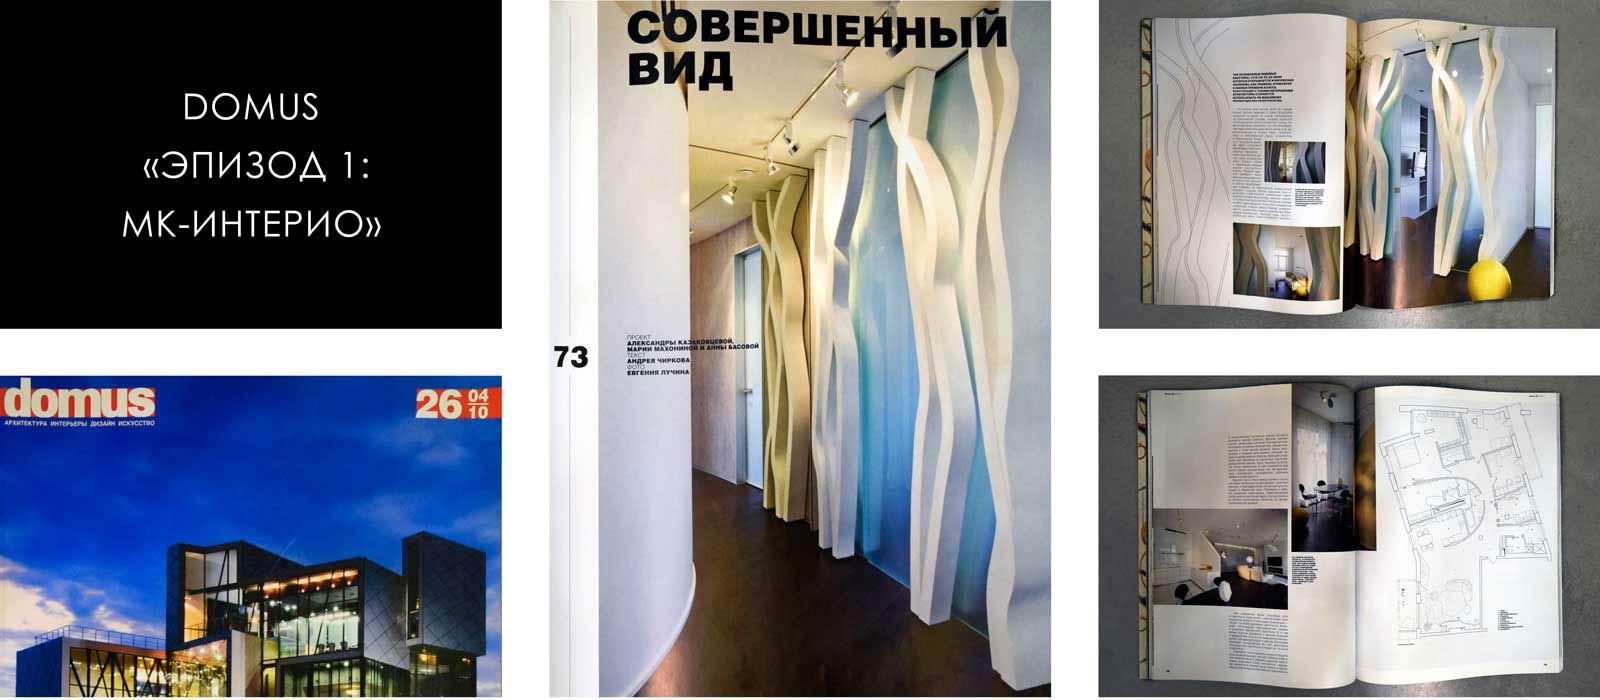 Видовая квартира премиум класса. Domus №26 (04/10)